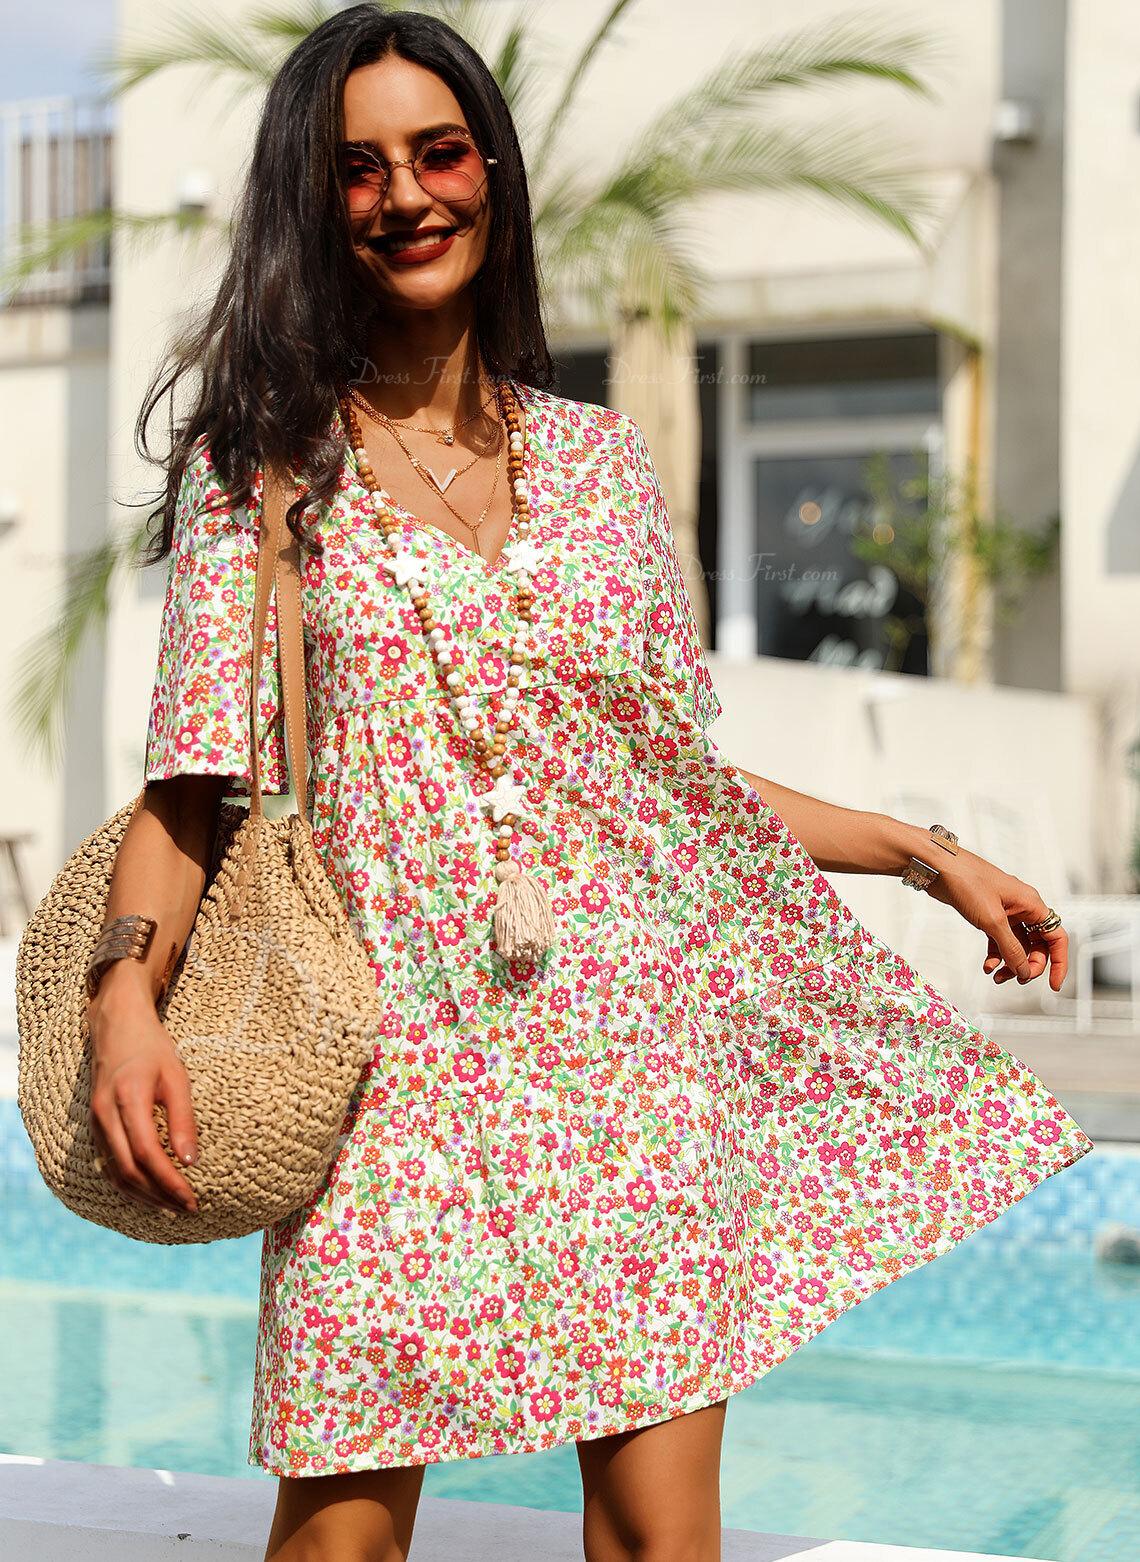 Floral Print Shift Short Sleeves Midi Casual Vacation T-shirt Dresses